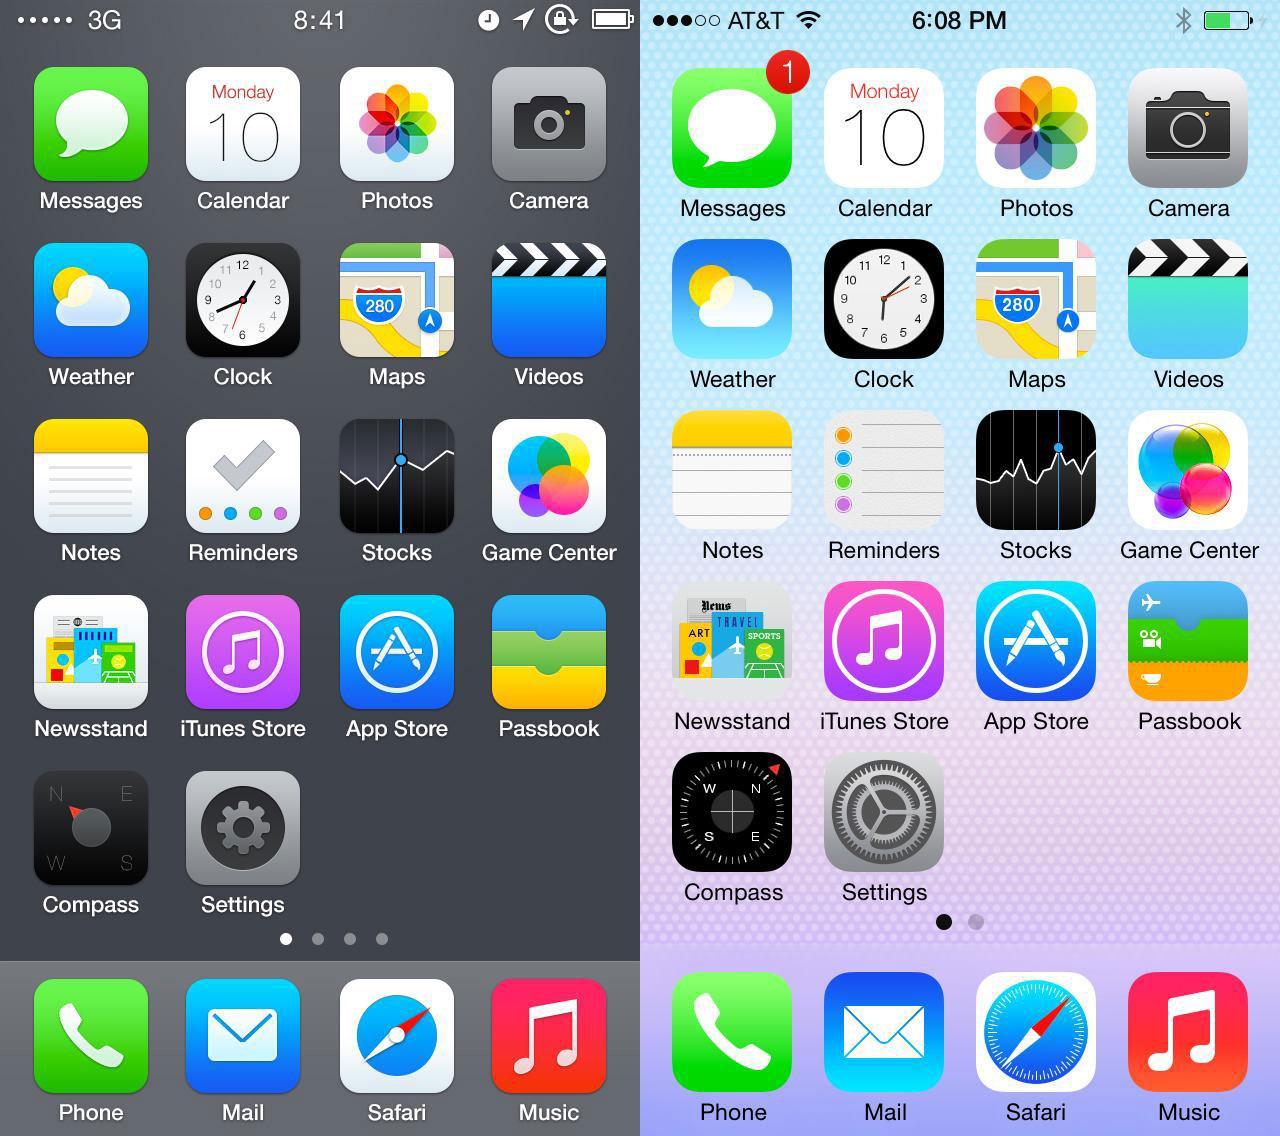 ios 7 redesign comparison 2